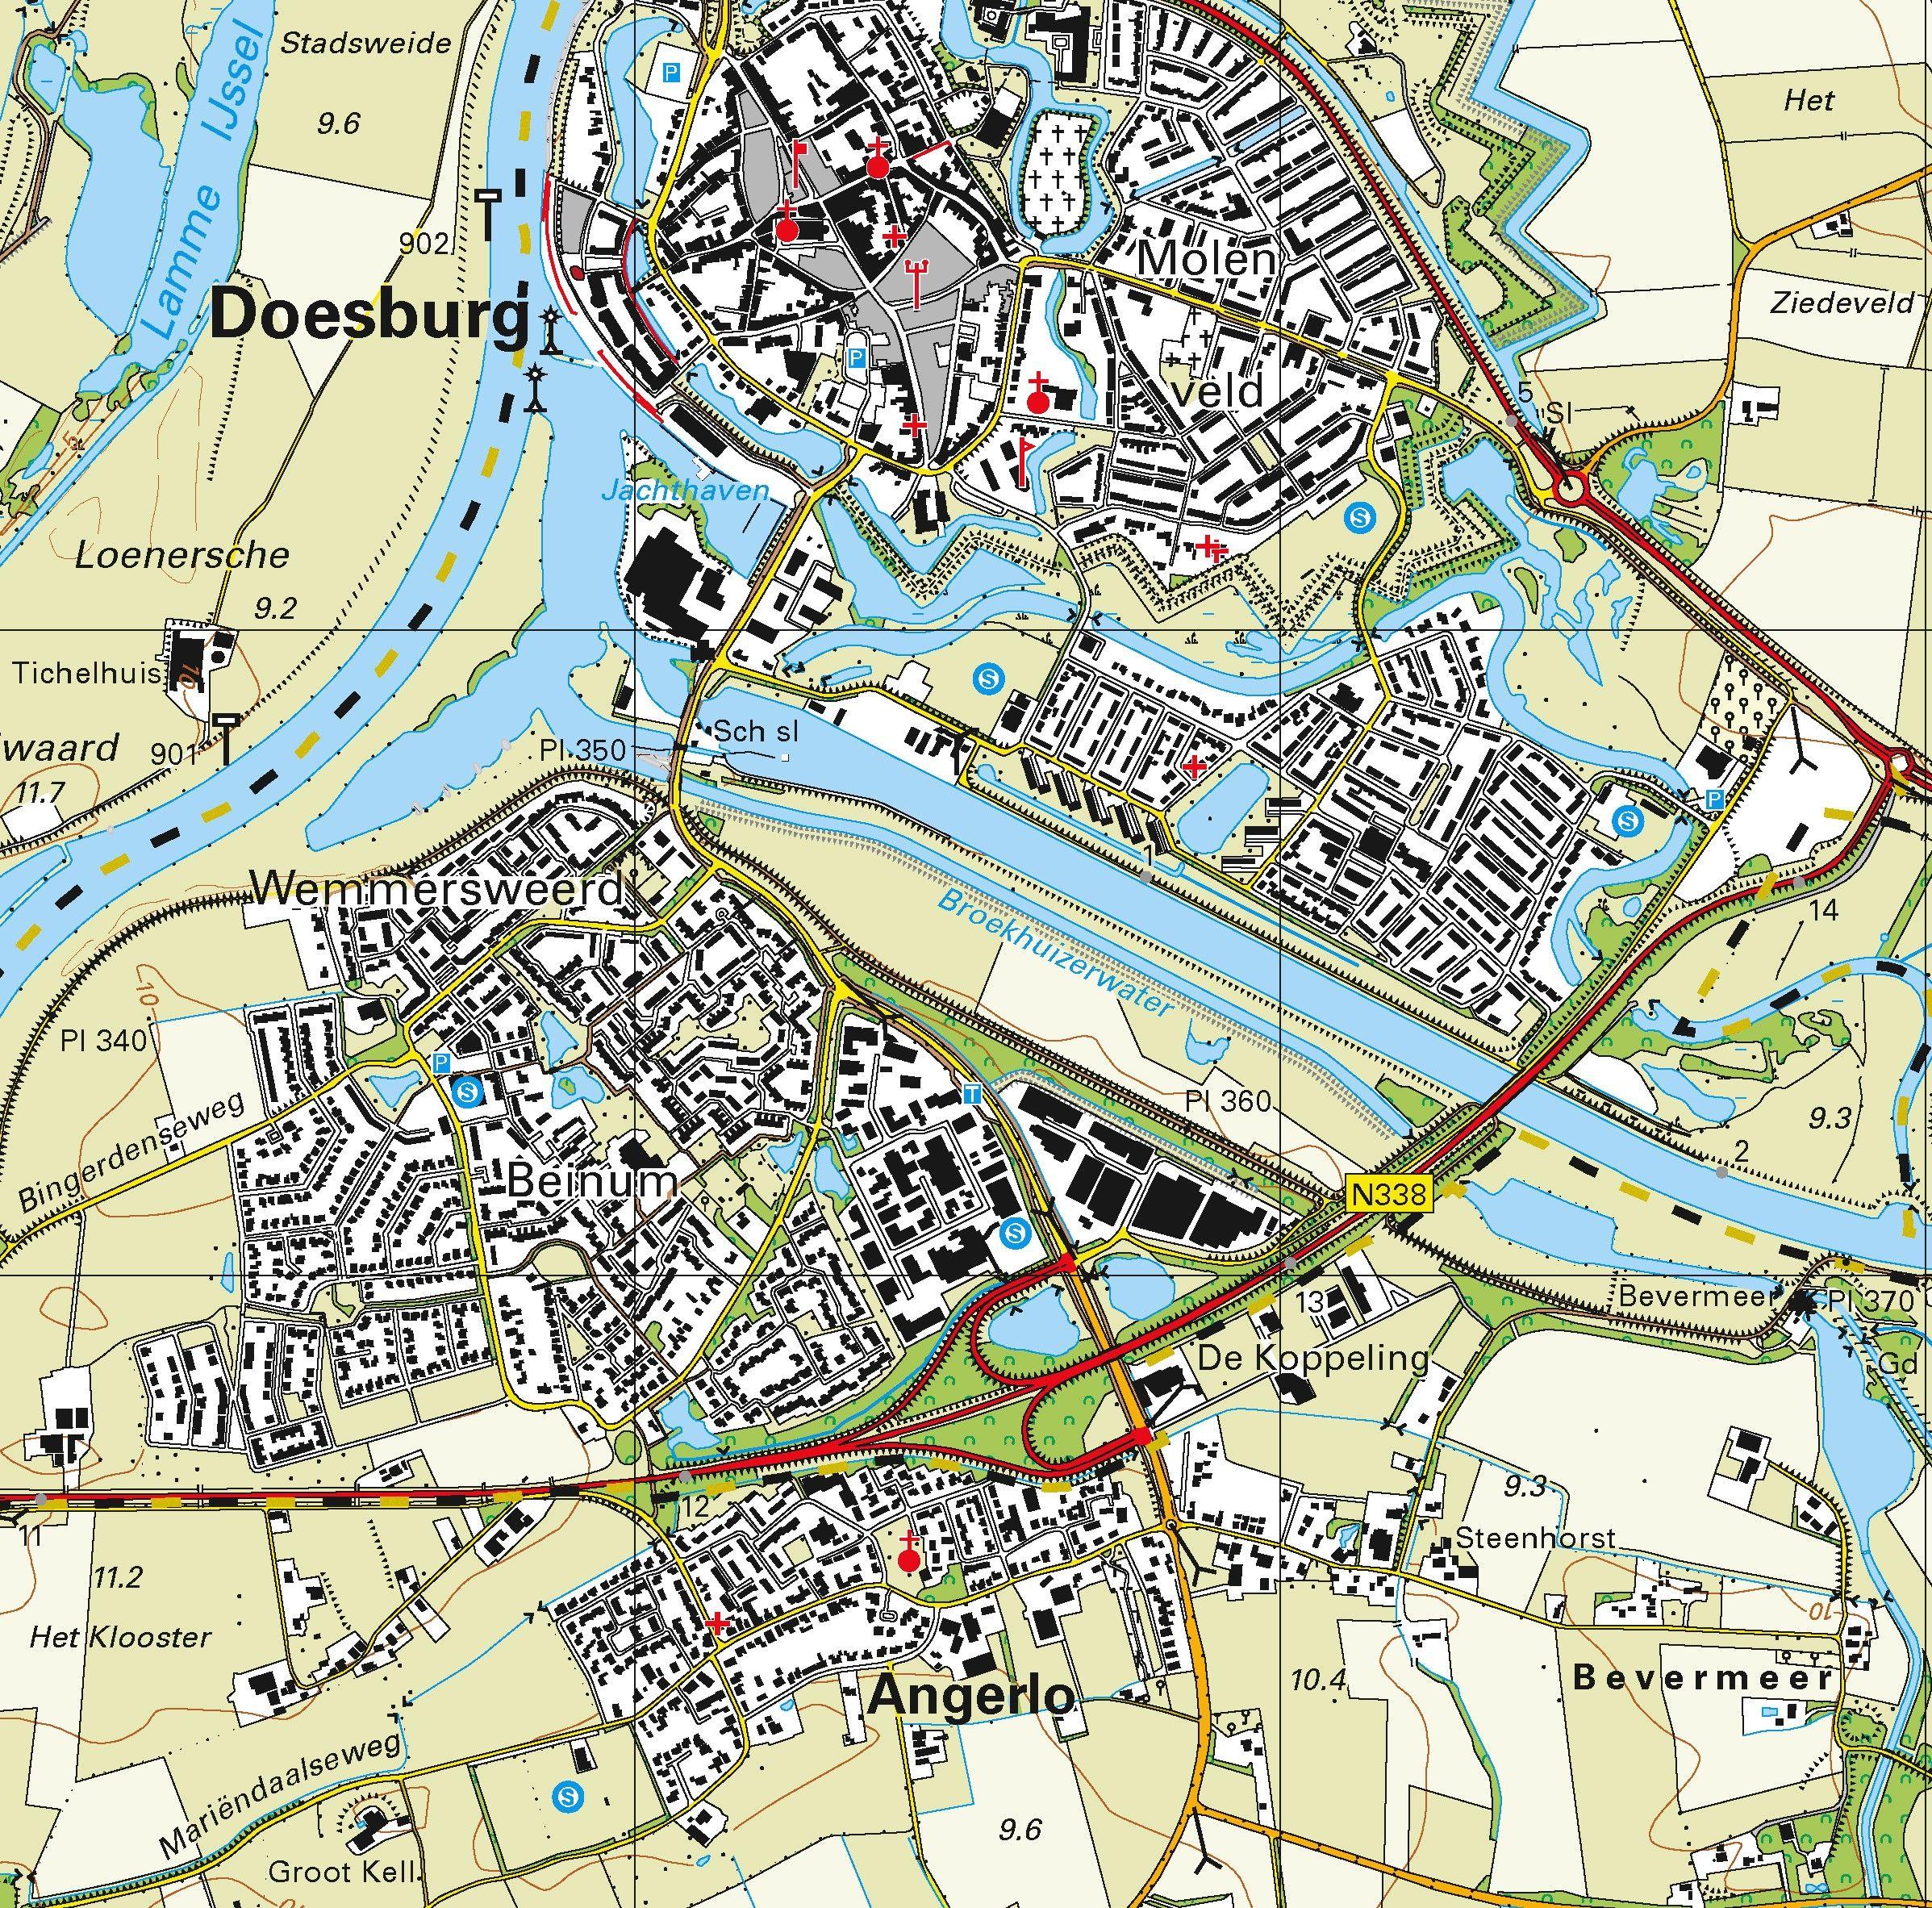 Topografische kaart schaal 1:25.000 (Zutphen, Hengelo, Dieren, Doesburg, Doetinchem, Didam)